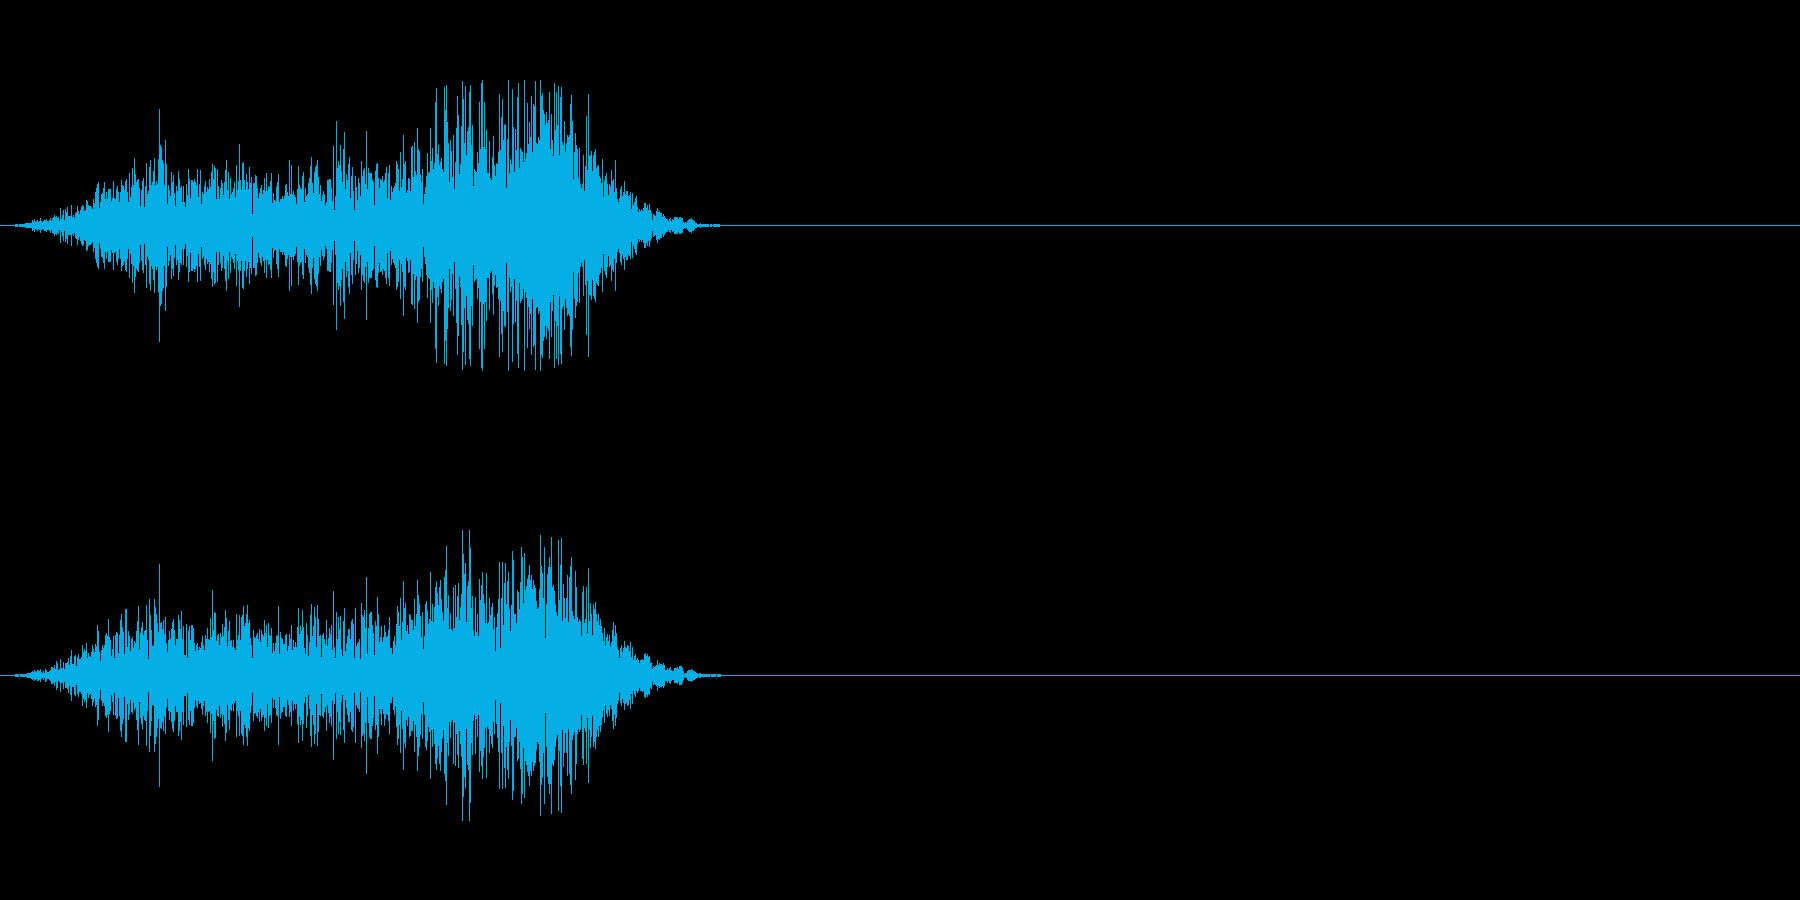 獣の威嚇 攻撃の再生済みの波形